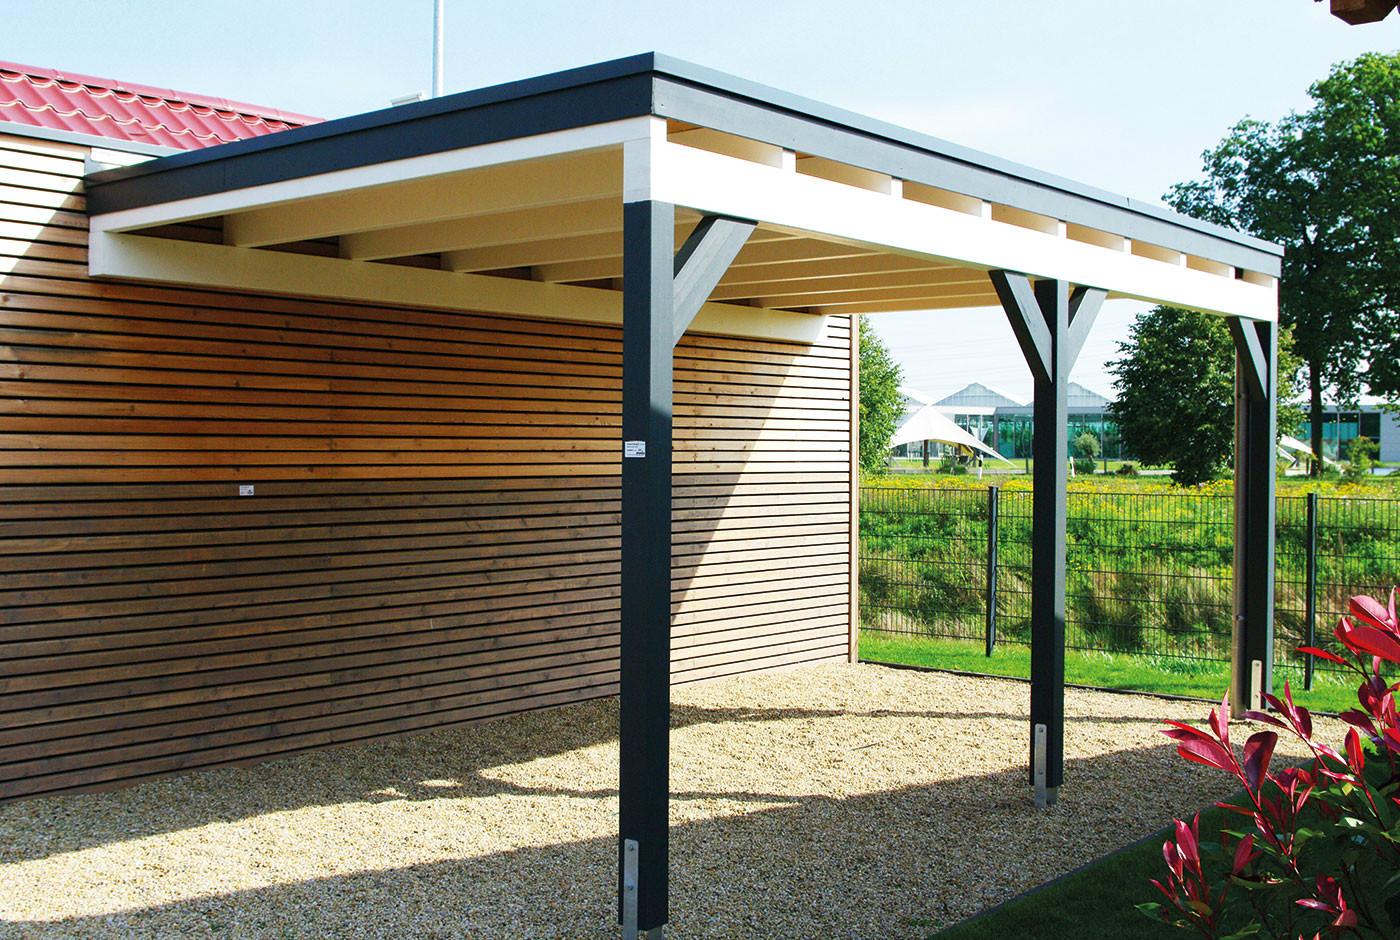 Terrasse auf Garage bauen – eine sinnvolle Möglichkeit